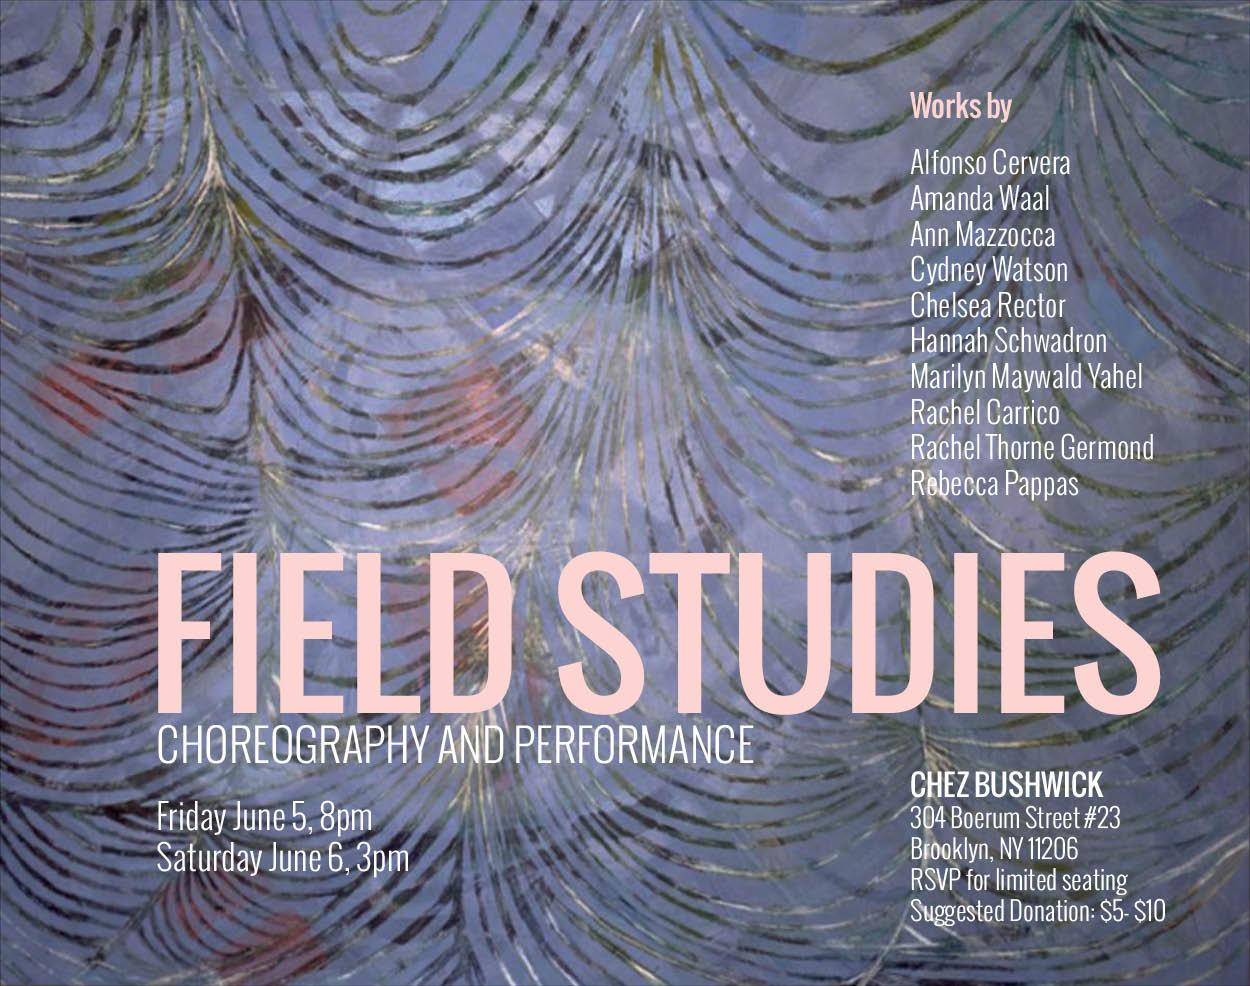 fieldstudies.jpg